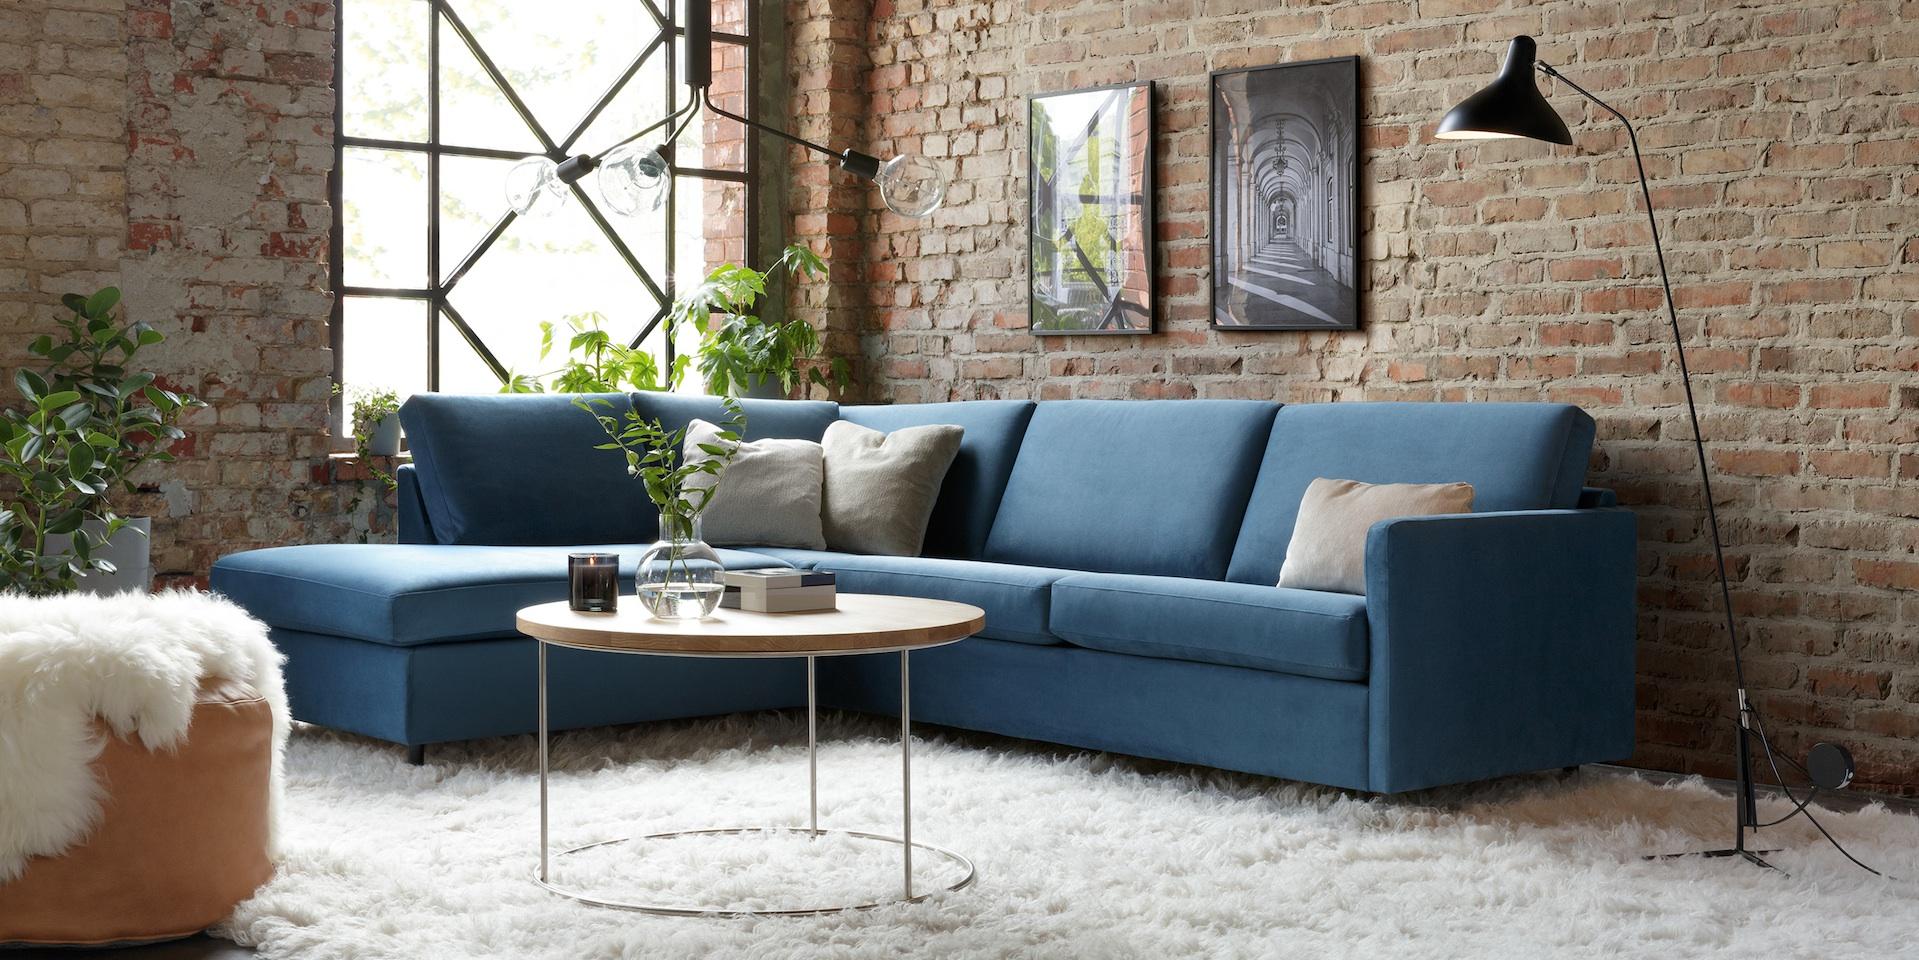 PALMA_interior_set8_velvety7_blue_3